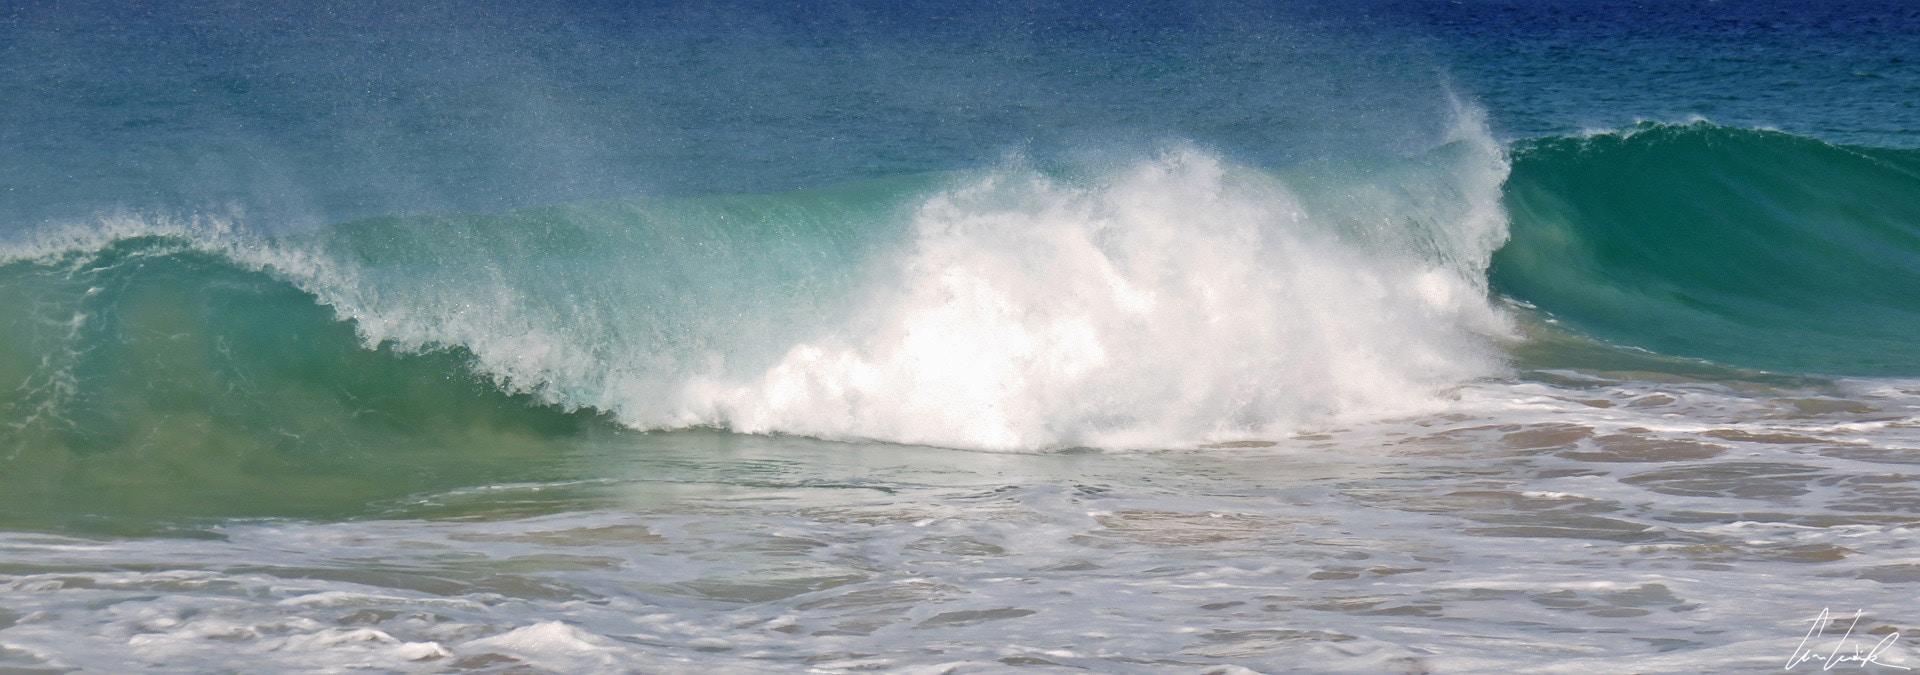 Maio - watch the sea